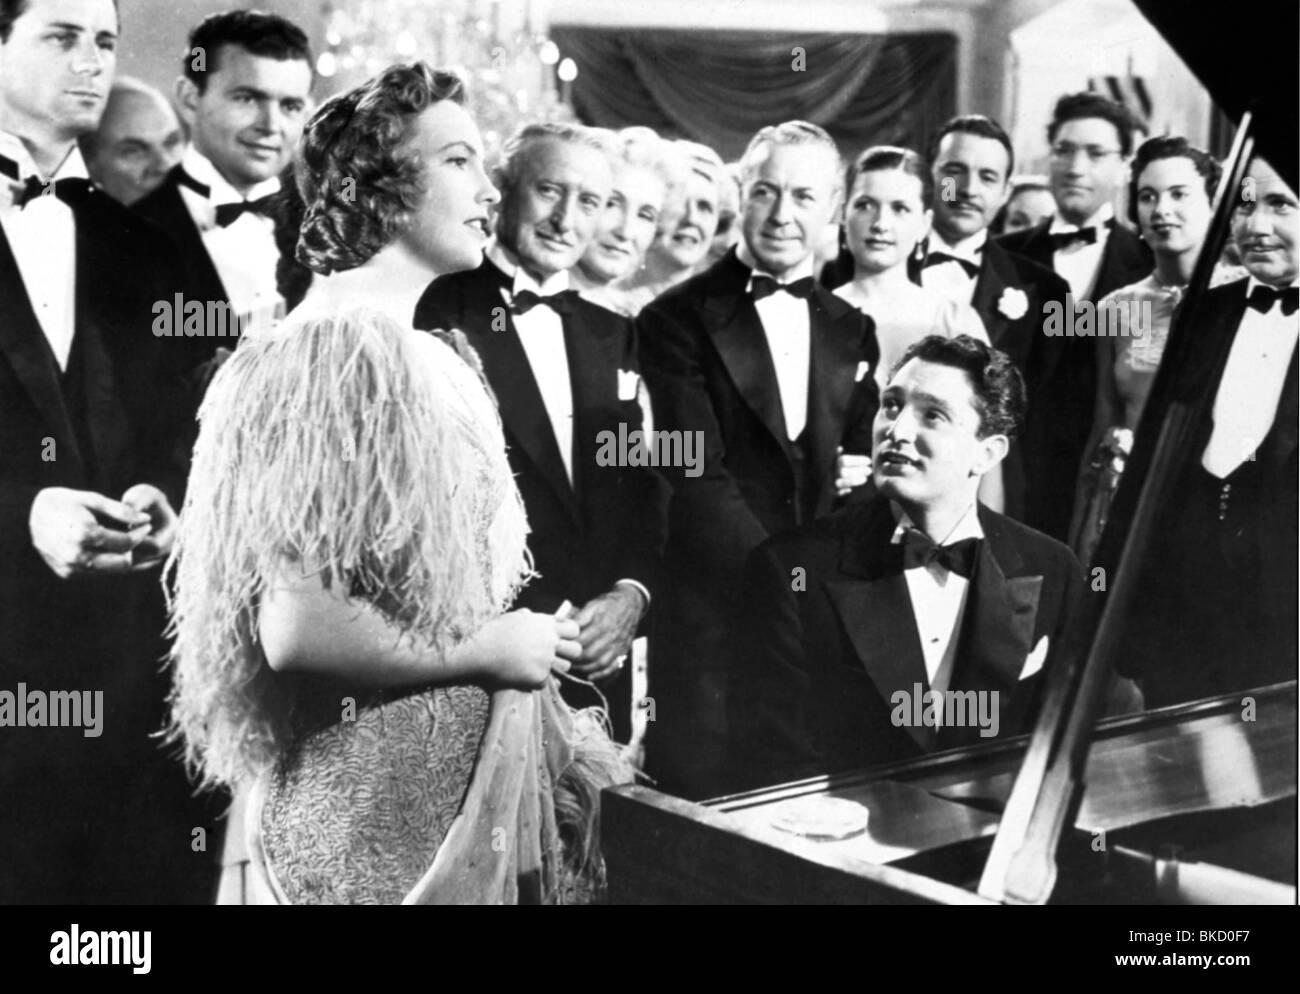 GIRL ON THE BOAT (1962) HENRY KAPLAN (DIR) GOTB 008 - Stock Image